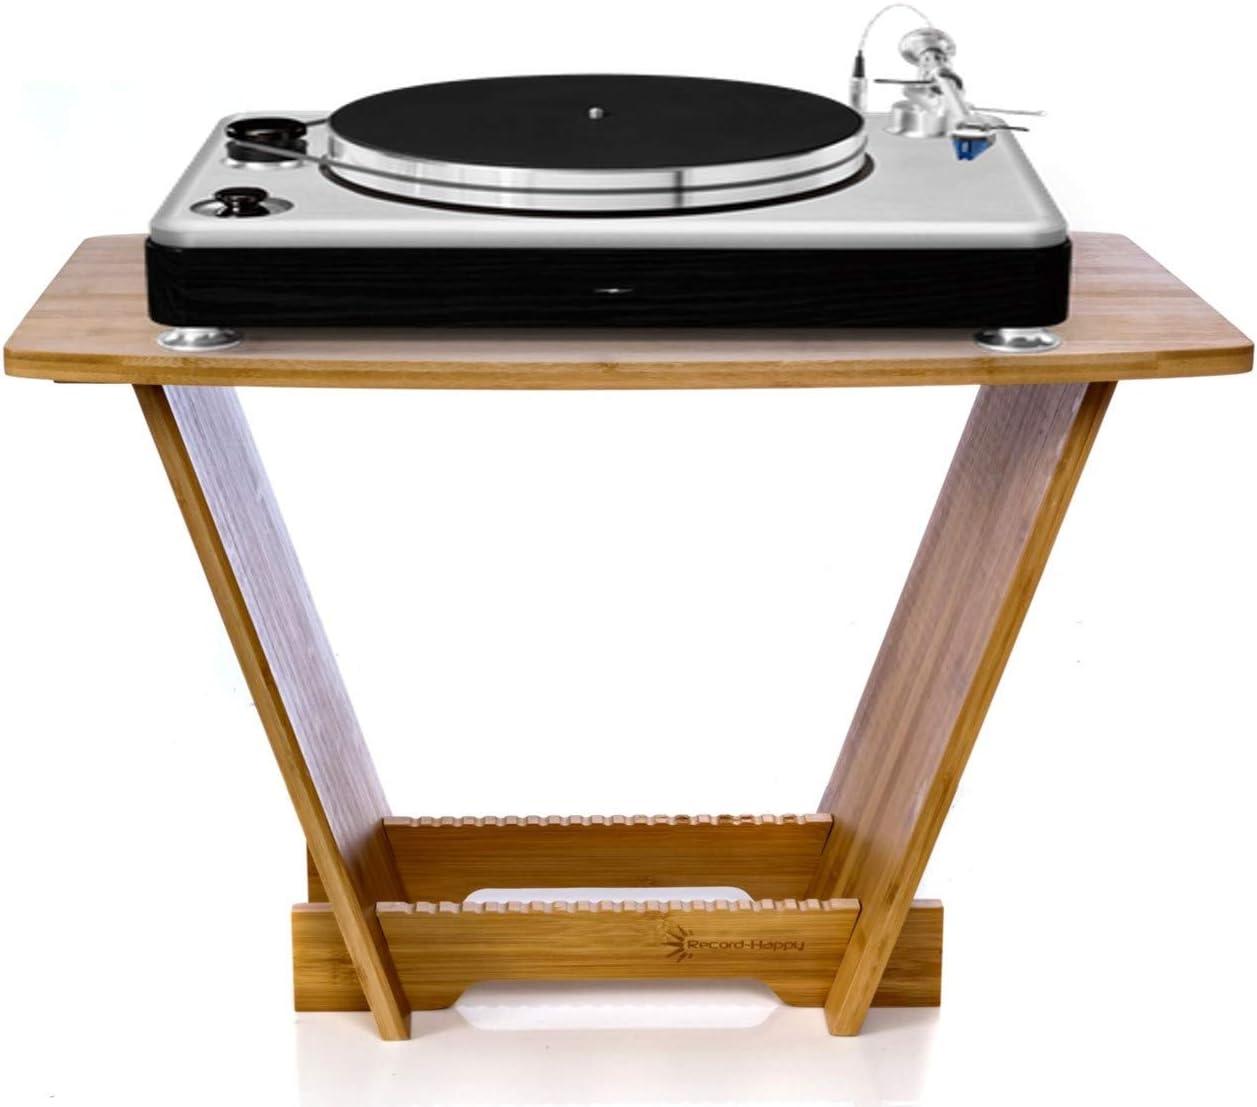 Amazon.com: Soporte giratorio para reproductor de discos de ...